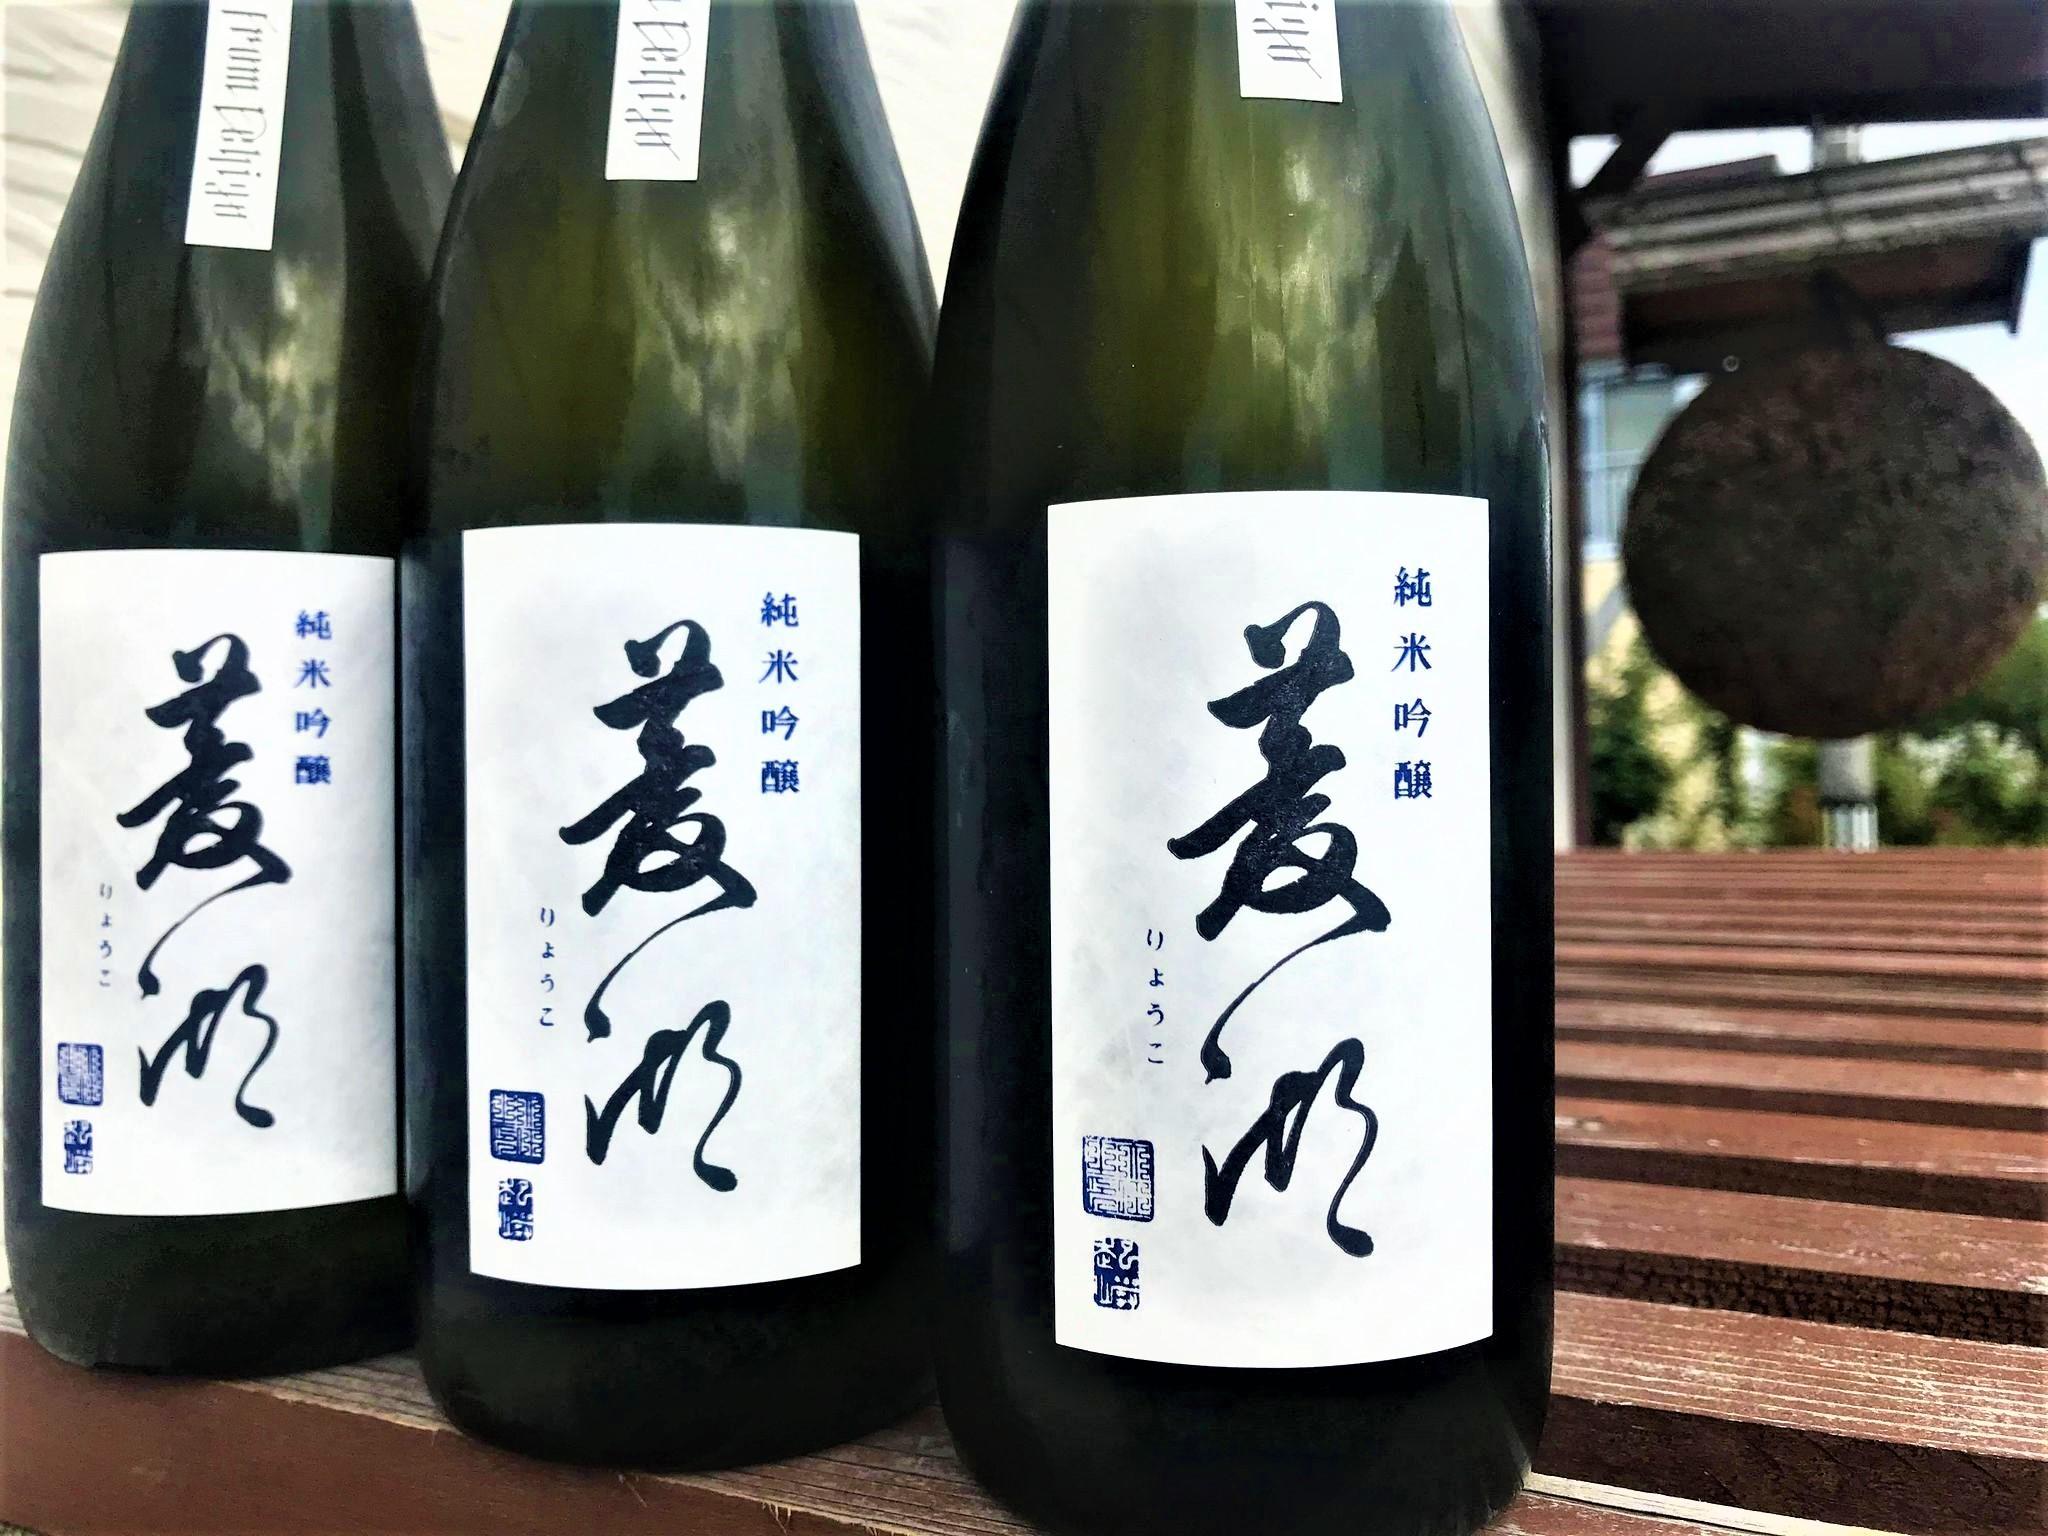 【日本酒】菱湖⭐特別編 純米吟醸酒 蔵元低温貯蔵熟成🐧SPver 特別限定蔵出し 令和1BY🆕_e0173738_20144953.jpg